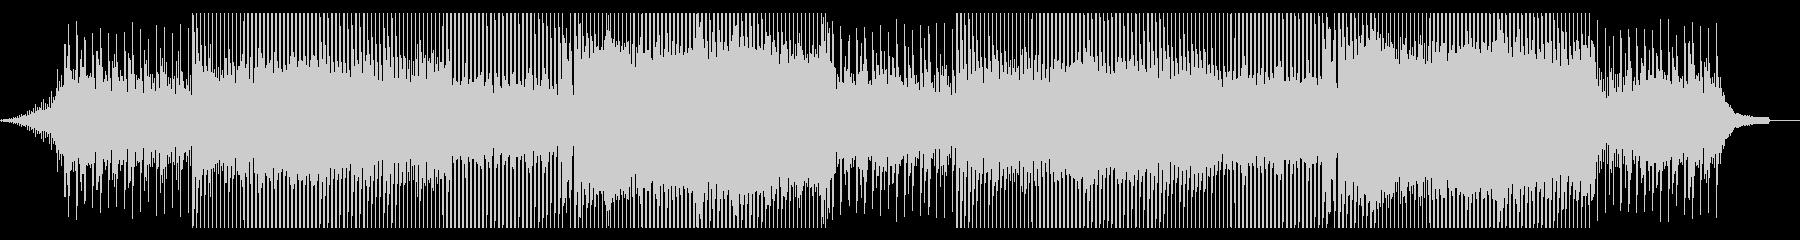 企業VP 爽やかな哀愁あるピアノメロディの未再生の波形